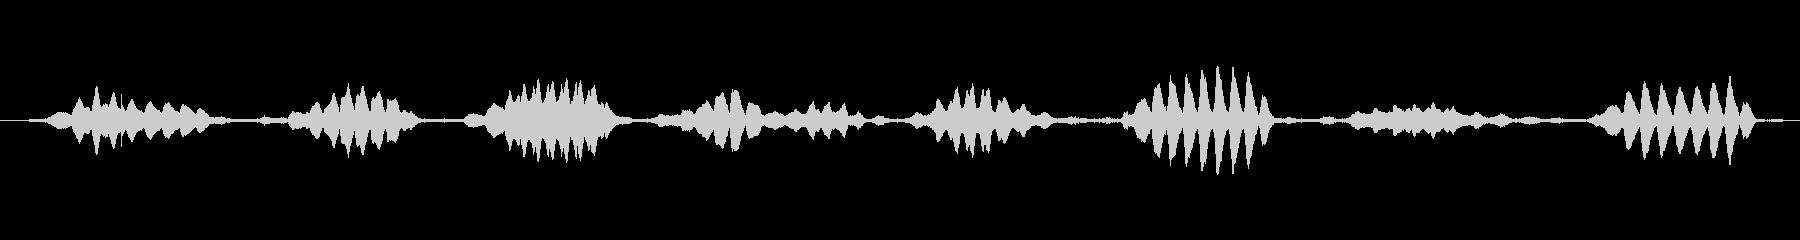 オフィス音声環境の未再生の波形